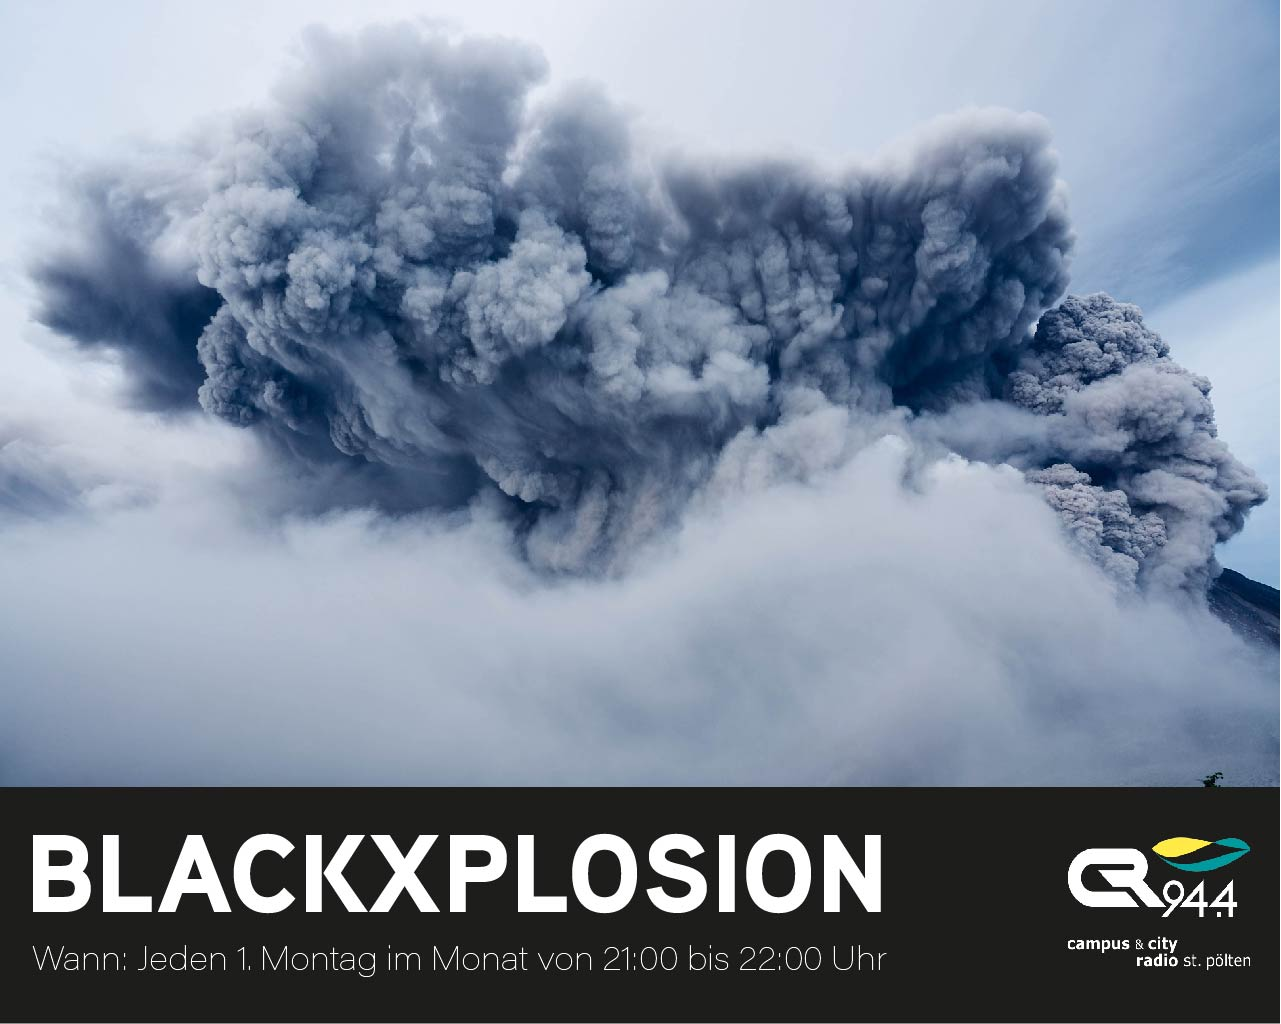 BlackXplosion | Montag, 2.11.20, 21-22 Uhr